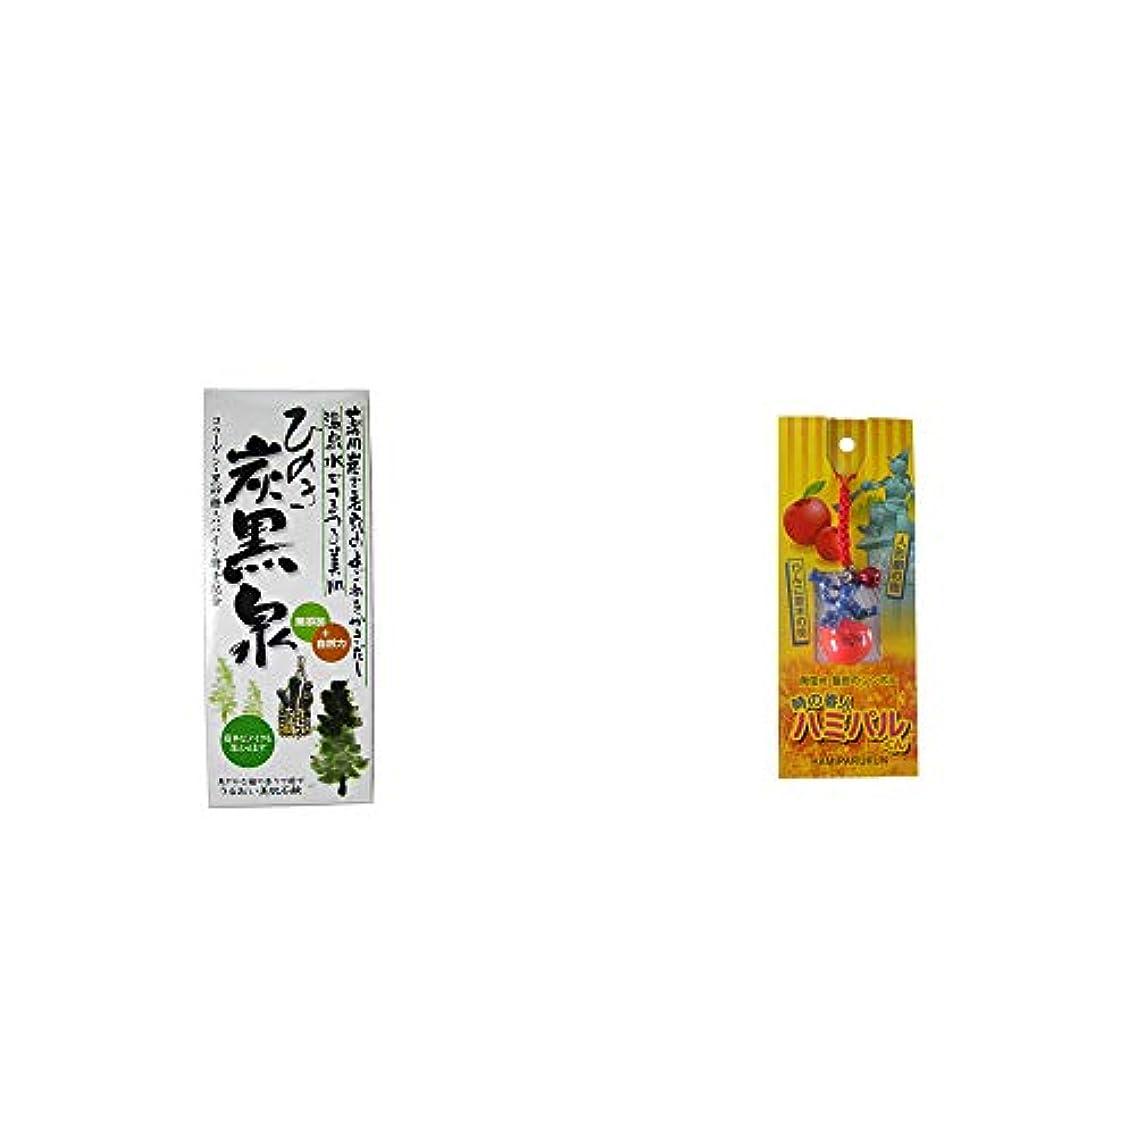 盲目ビバ構築する[2点セット] ひのき炭黒泉 箱入り(75g×3)?信州?飯田のシンボル 時の番人ハミパルくんストラップ